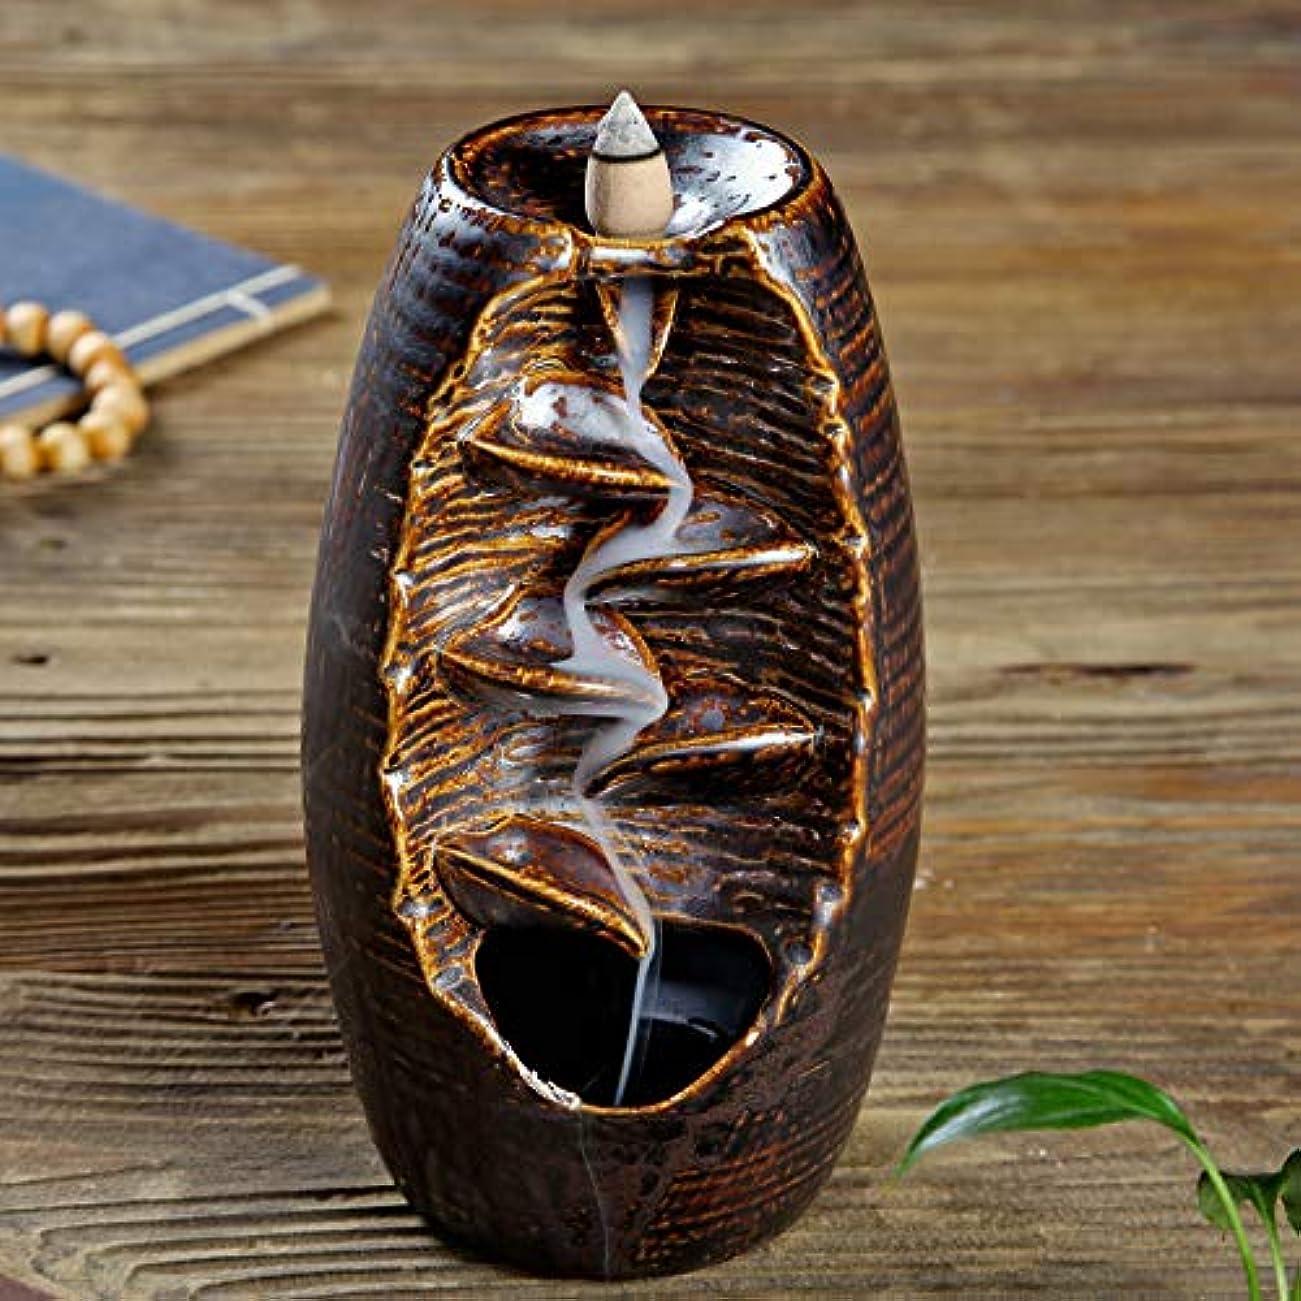 ヨーグルトが欲しいテナントセラミック花瓶 スモークバック香炉 クリエイティブキルン 逆流アロマテラピー炉 家の装飾 ホームリビングルームの寝室のデスクトップの装飾